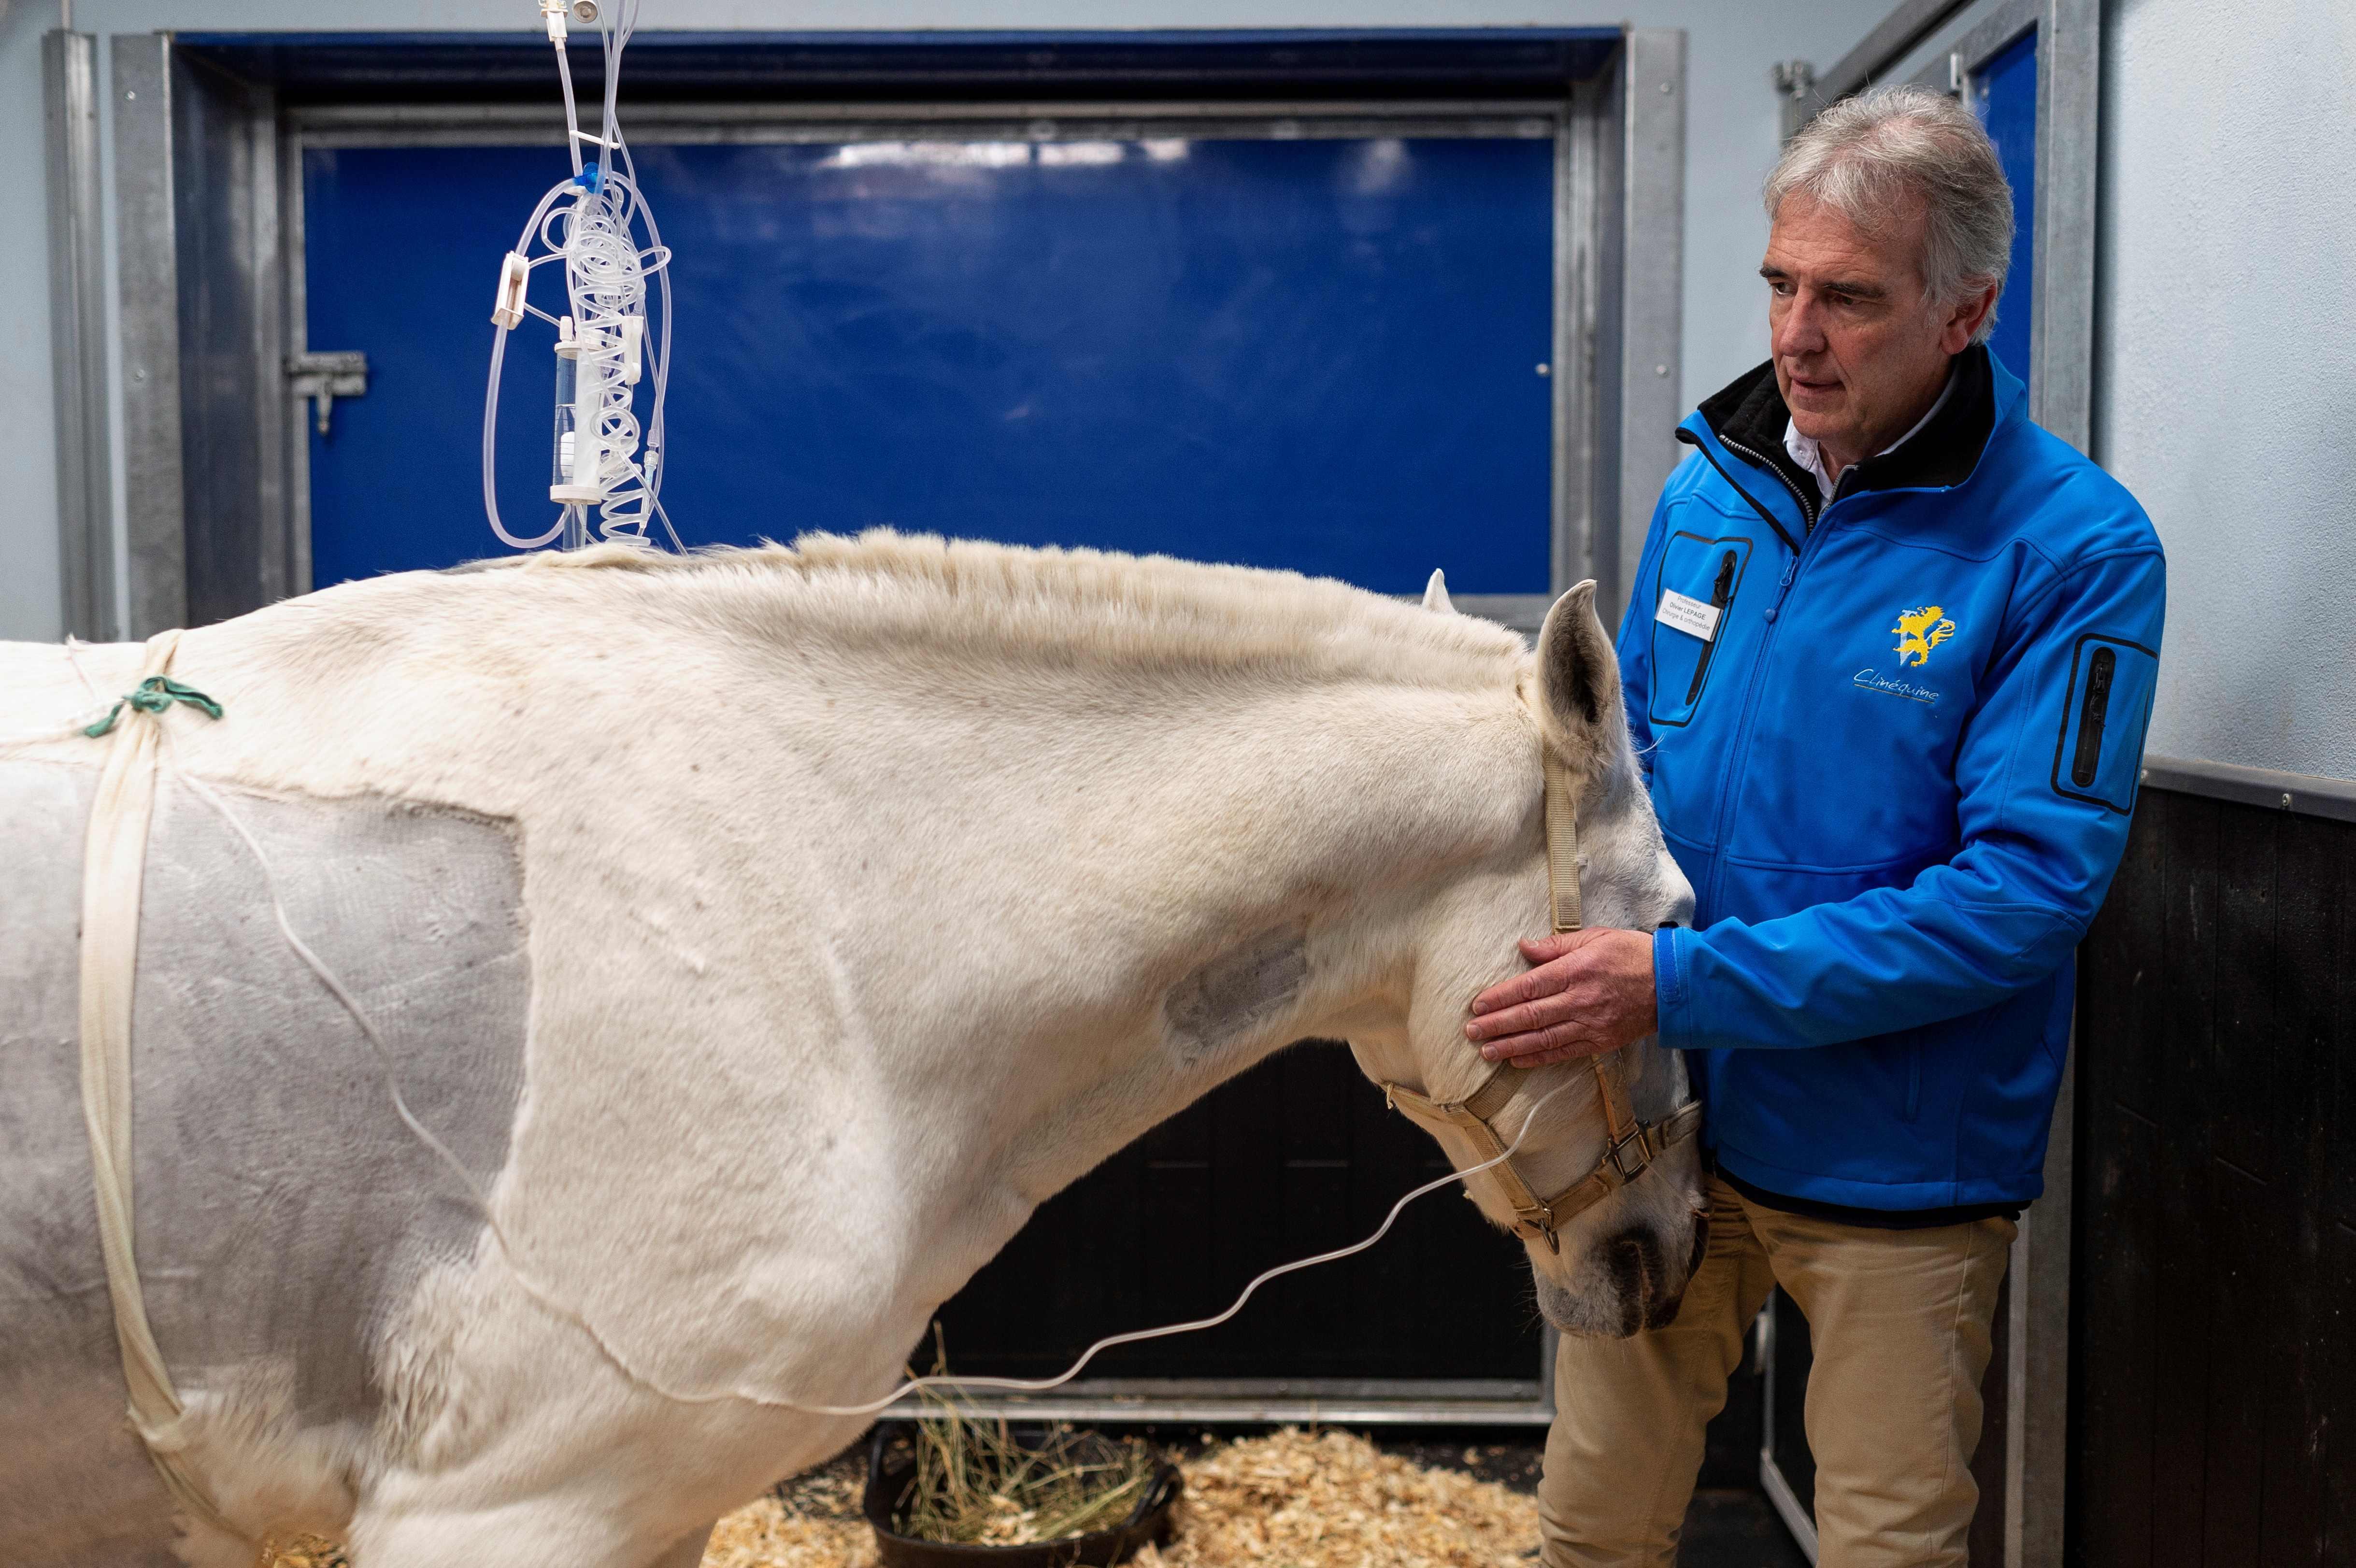 Algunos de los caballos tratados están valorados entre €3 y €4 millones. (Foto Prensa Libre: AFP)